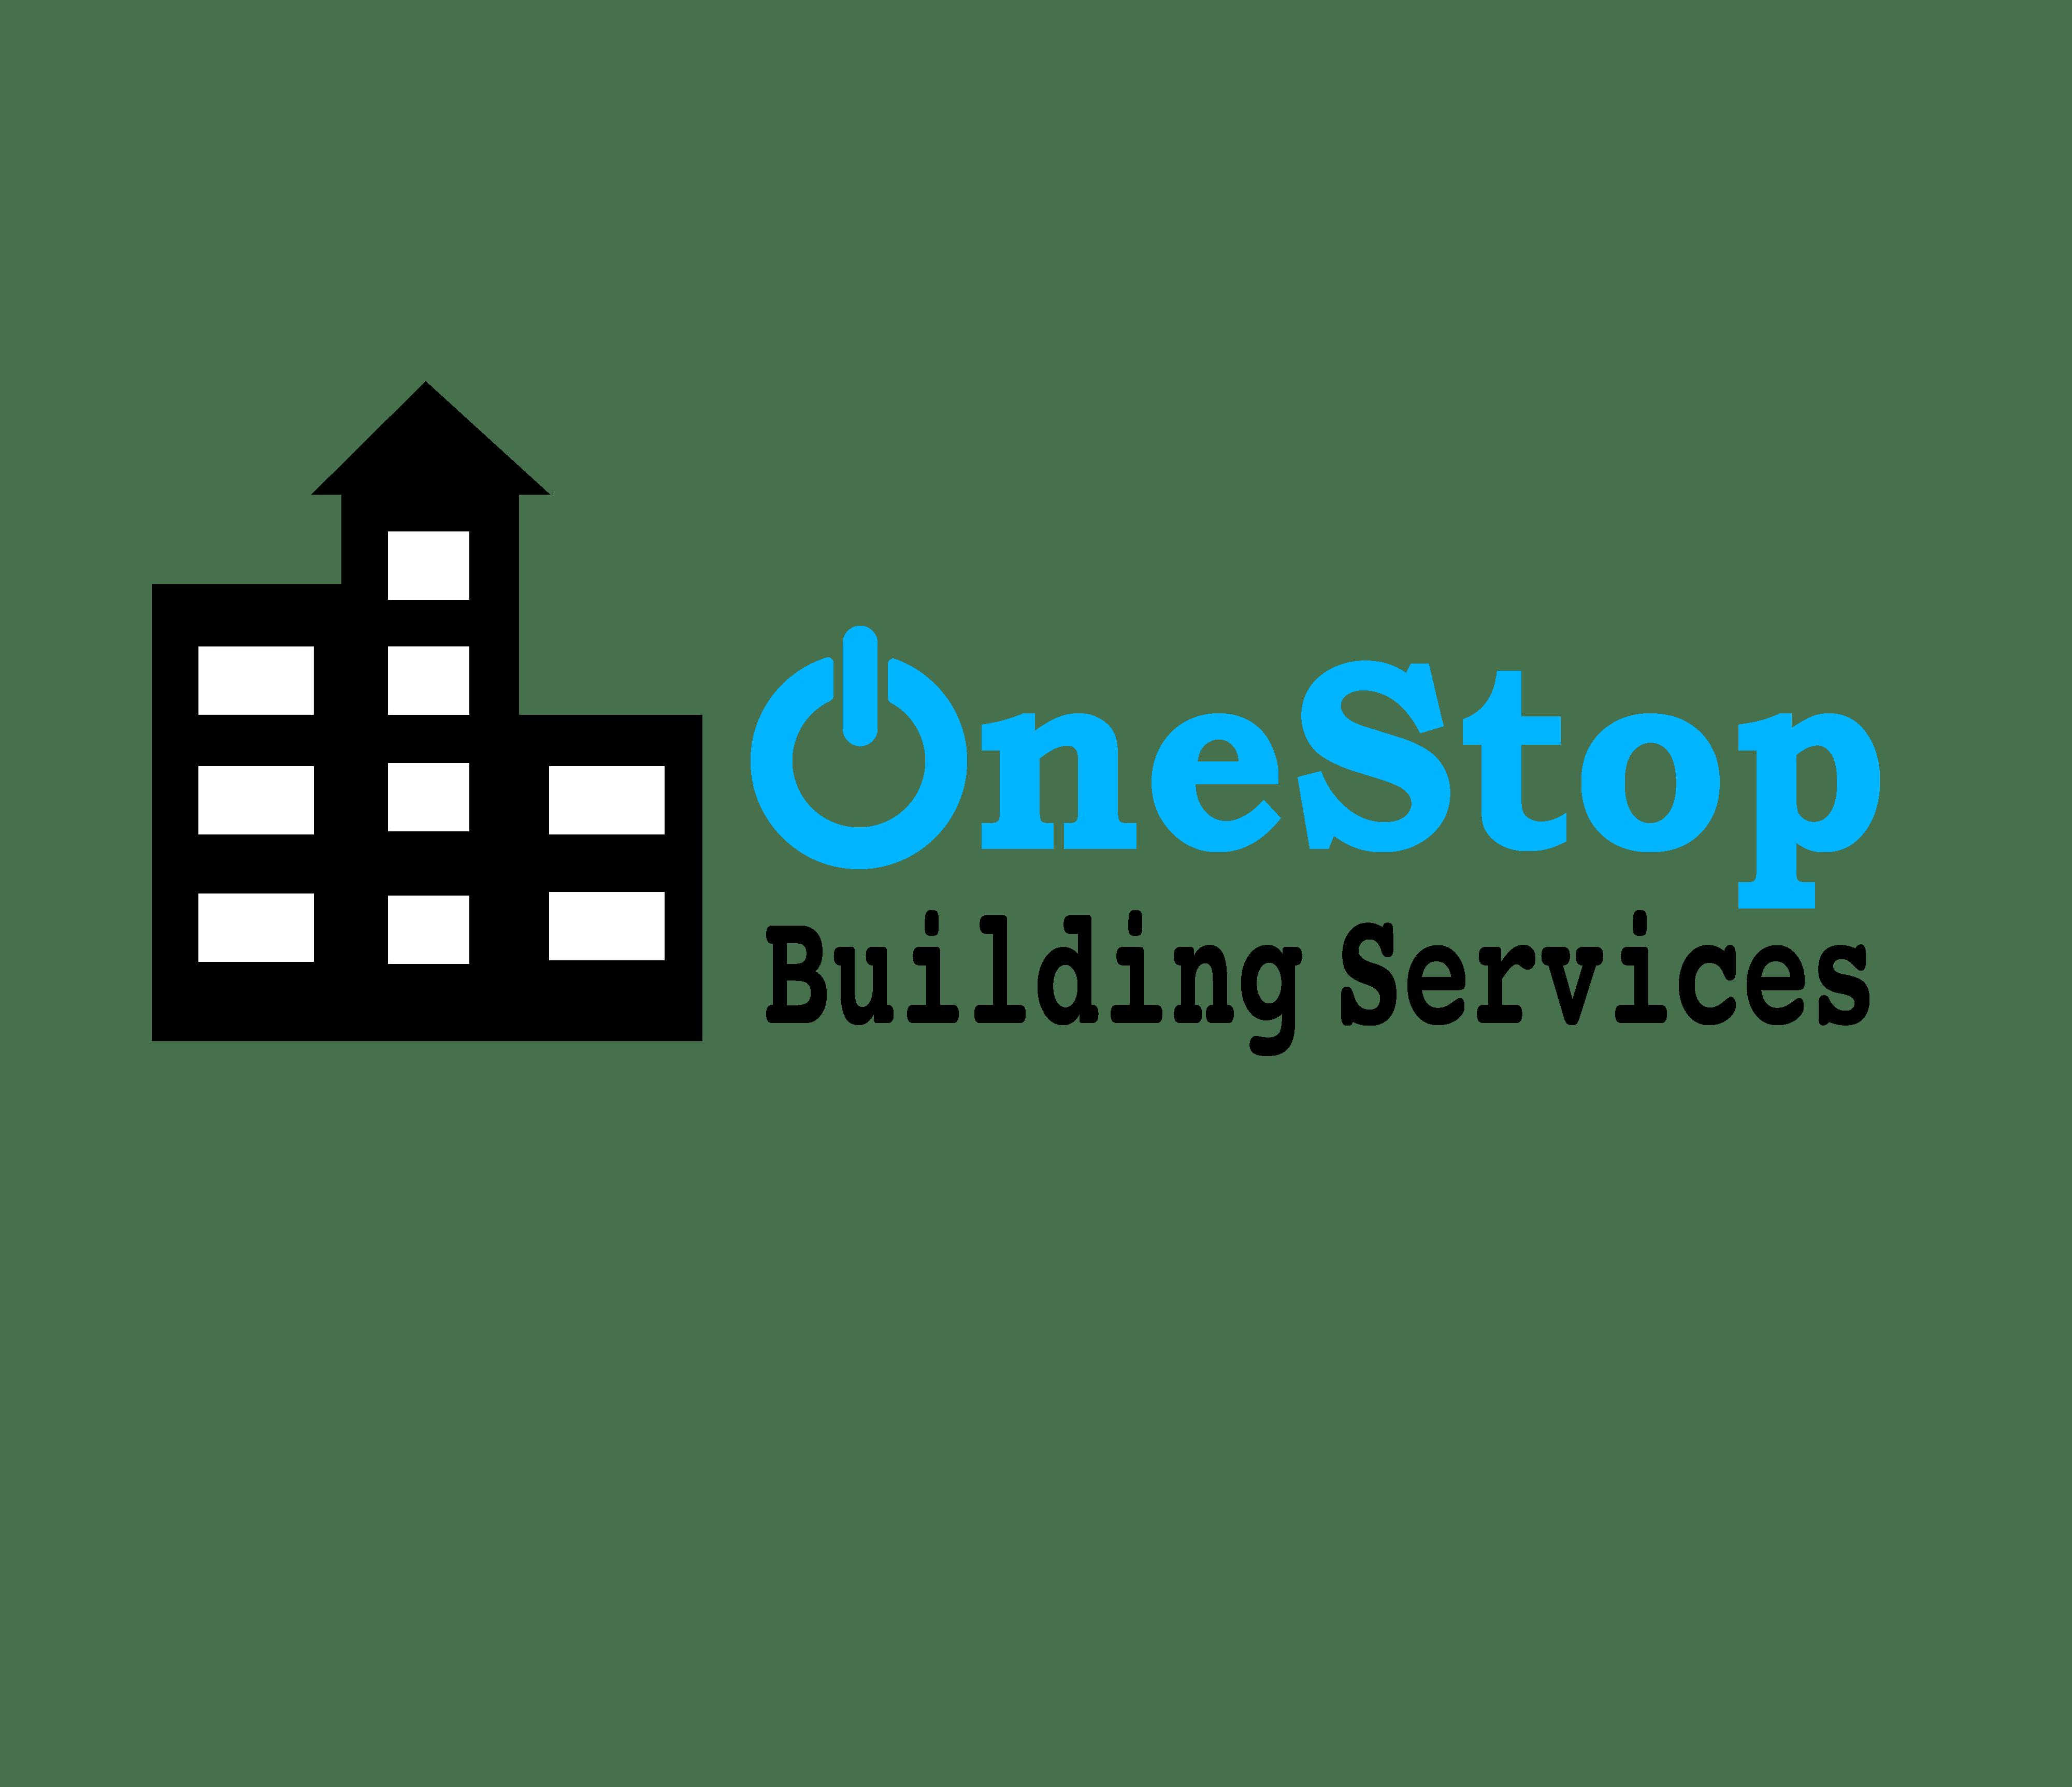 Onestop Building Services